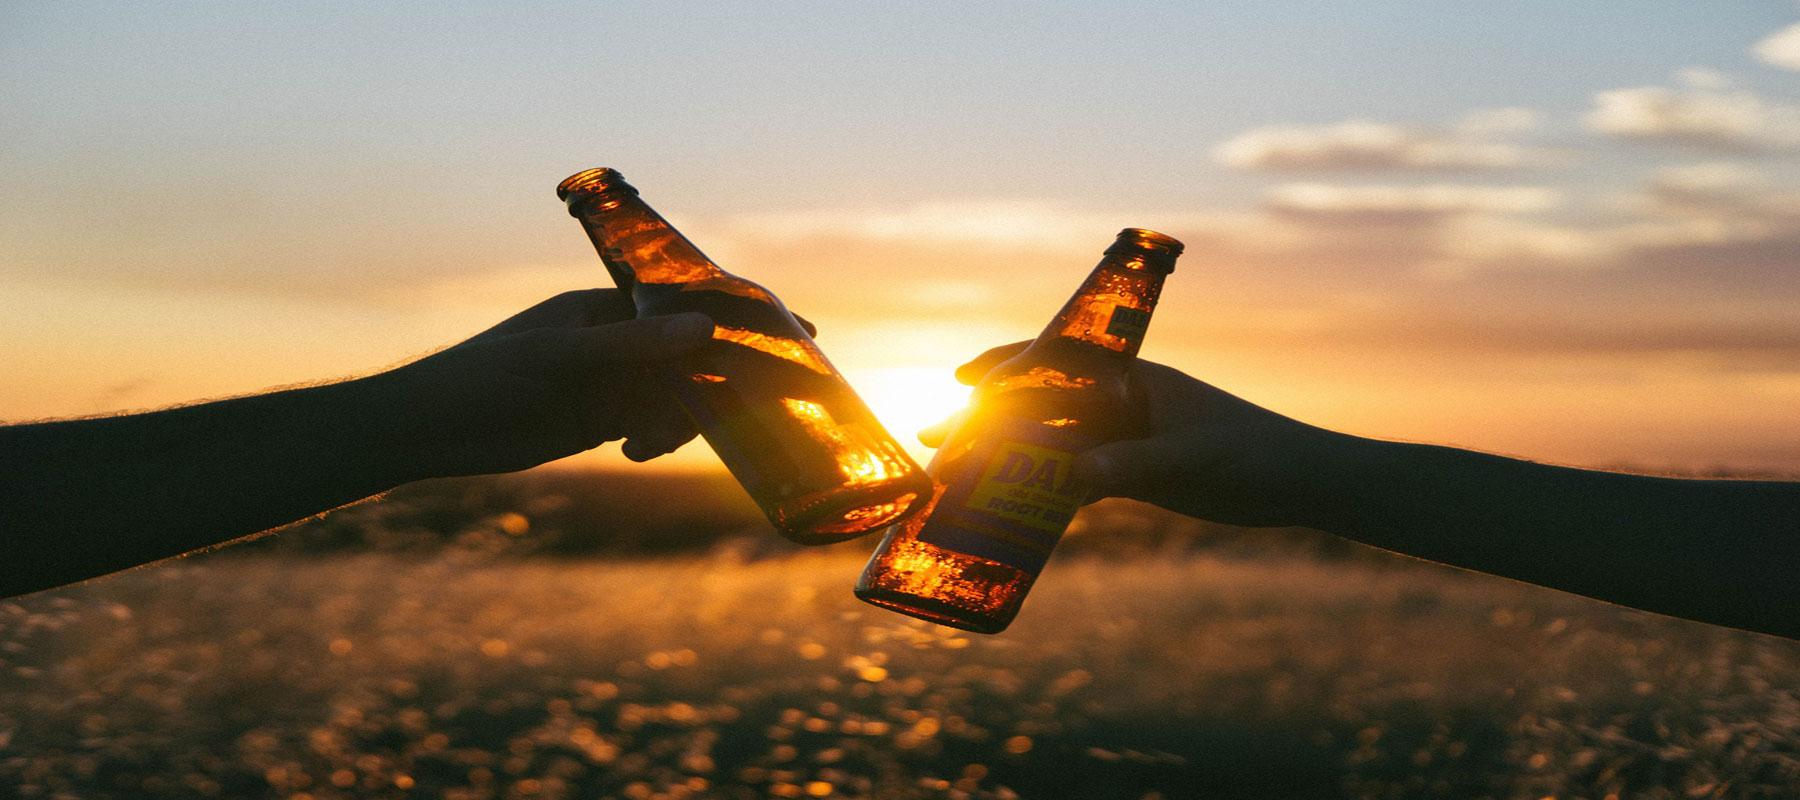 Zwei Menschen stoßen mit zwei Bierflaschen an